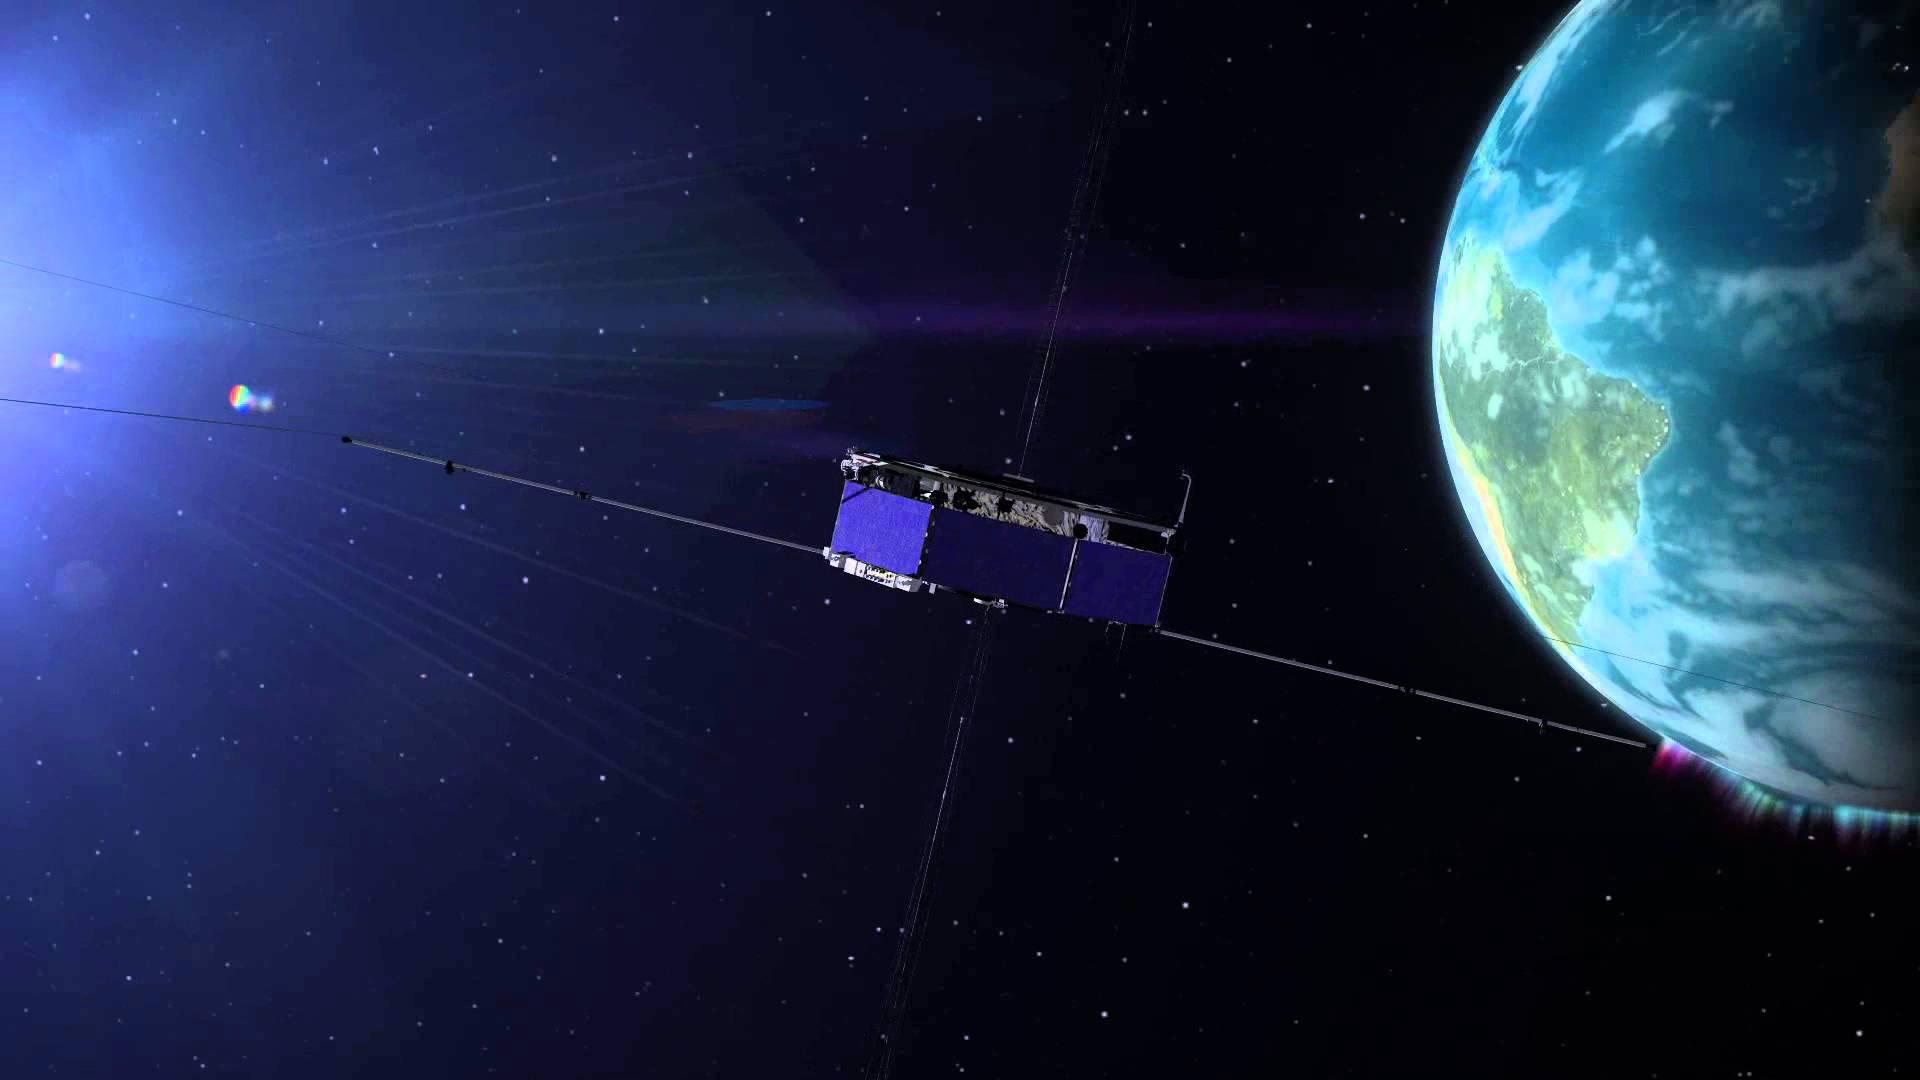 NASA Breaks Guinness World Record for Highest GPS Altitude Fix